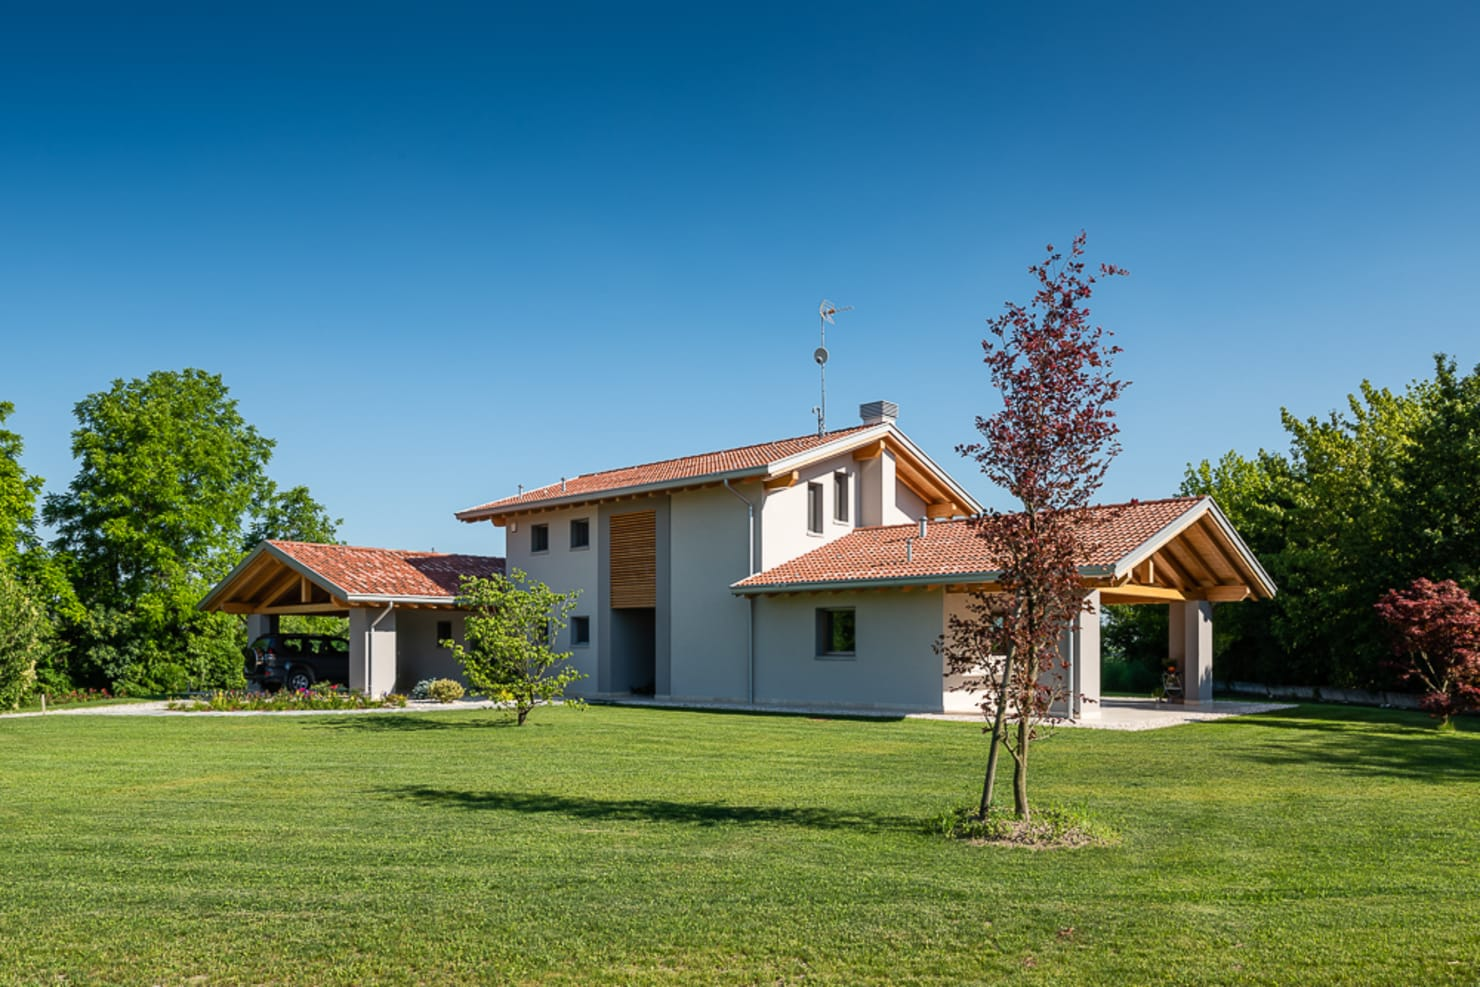 Costruzione Casa Sostenibile per Risparmio Energetico in Veneto